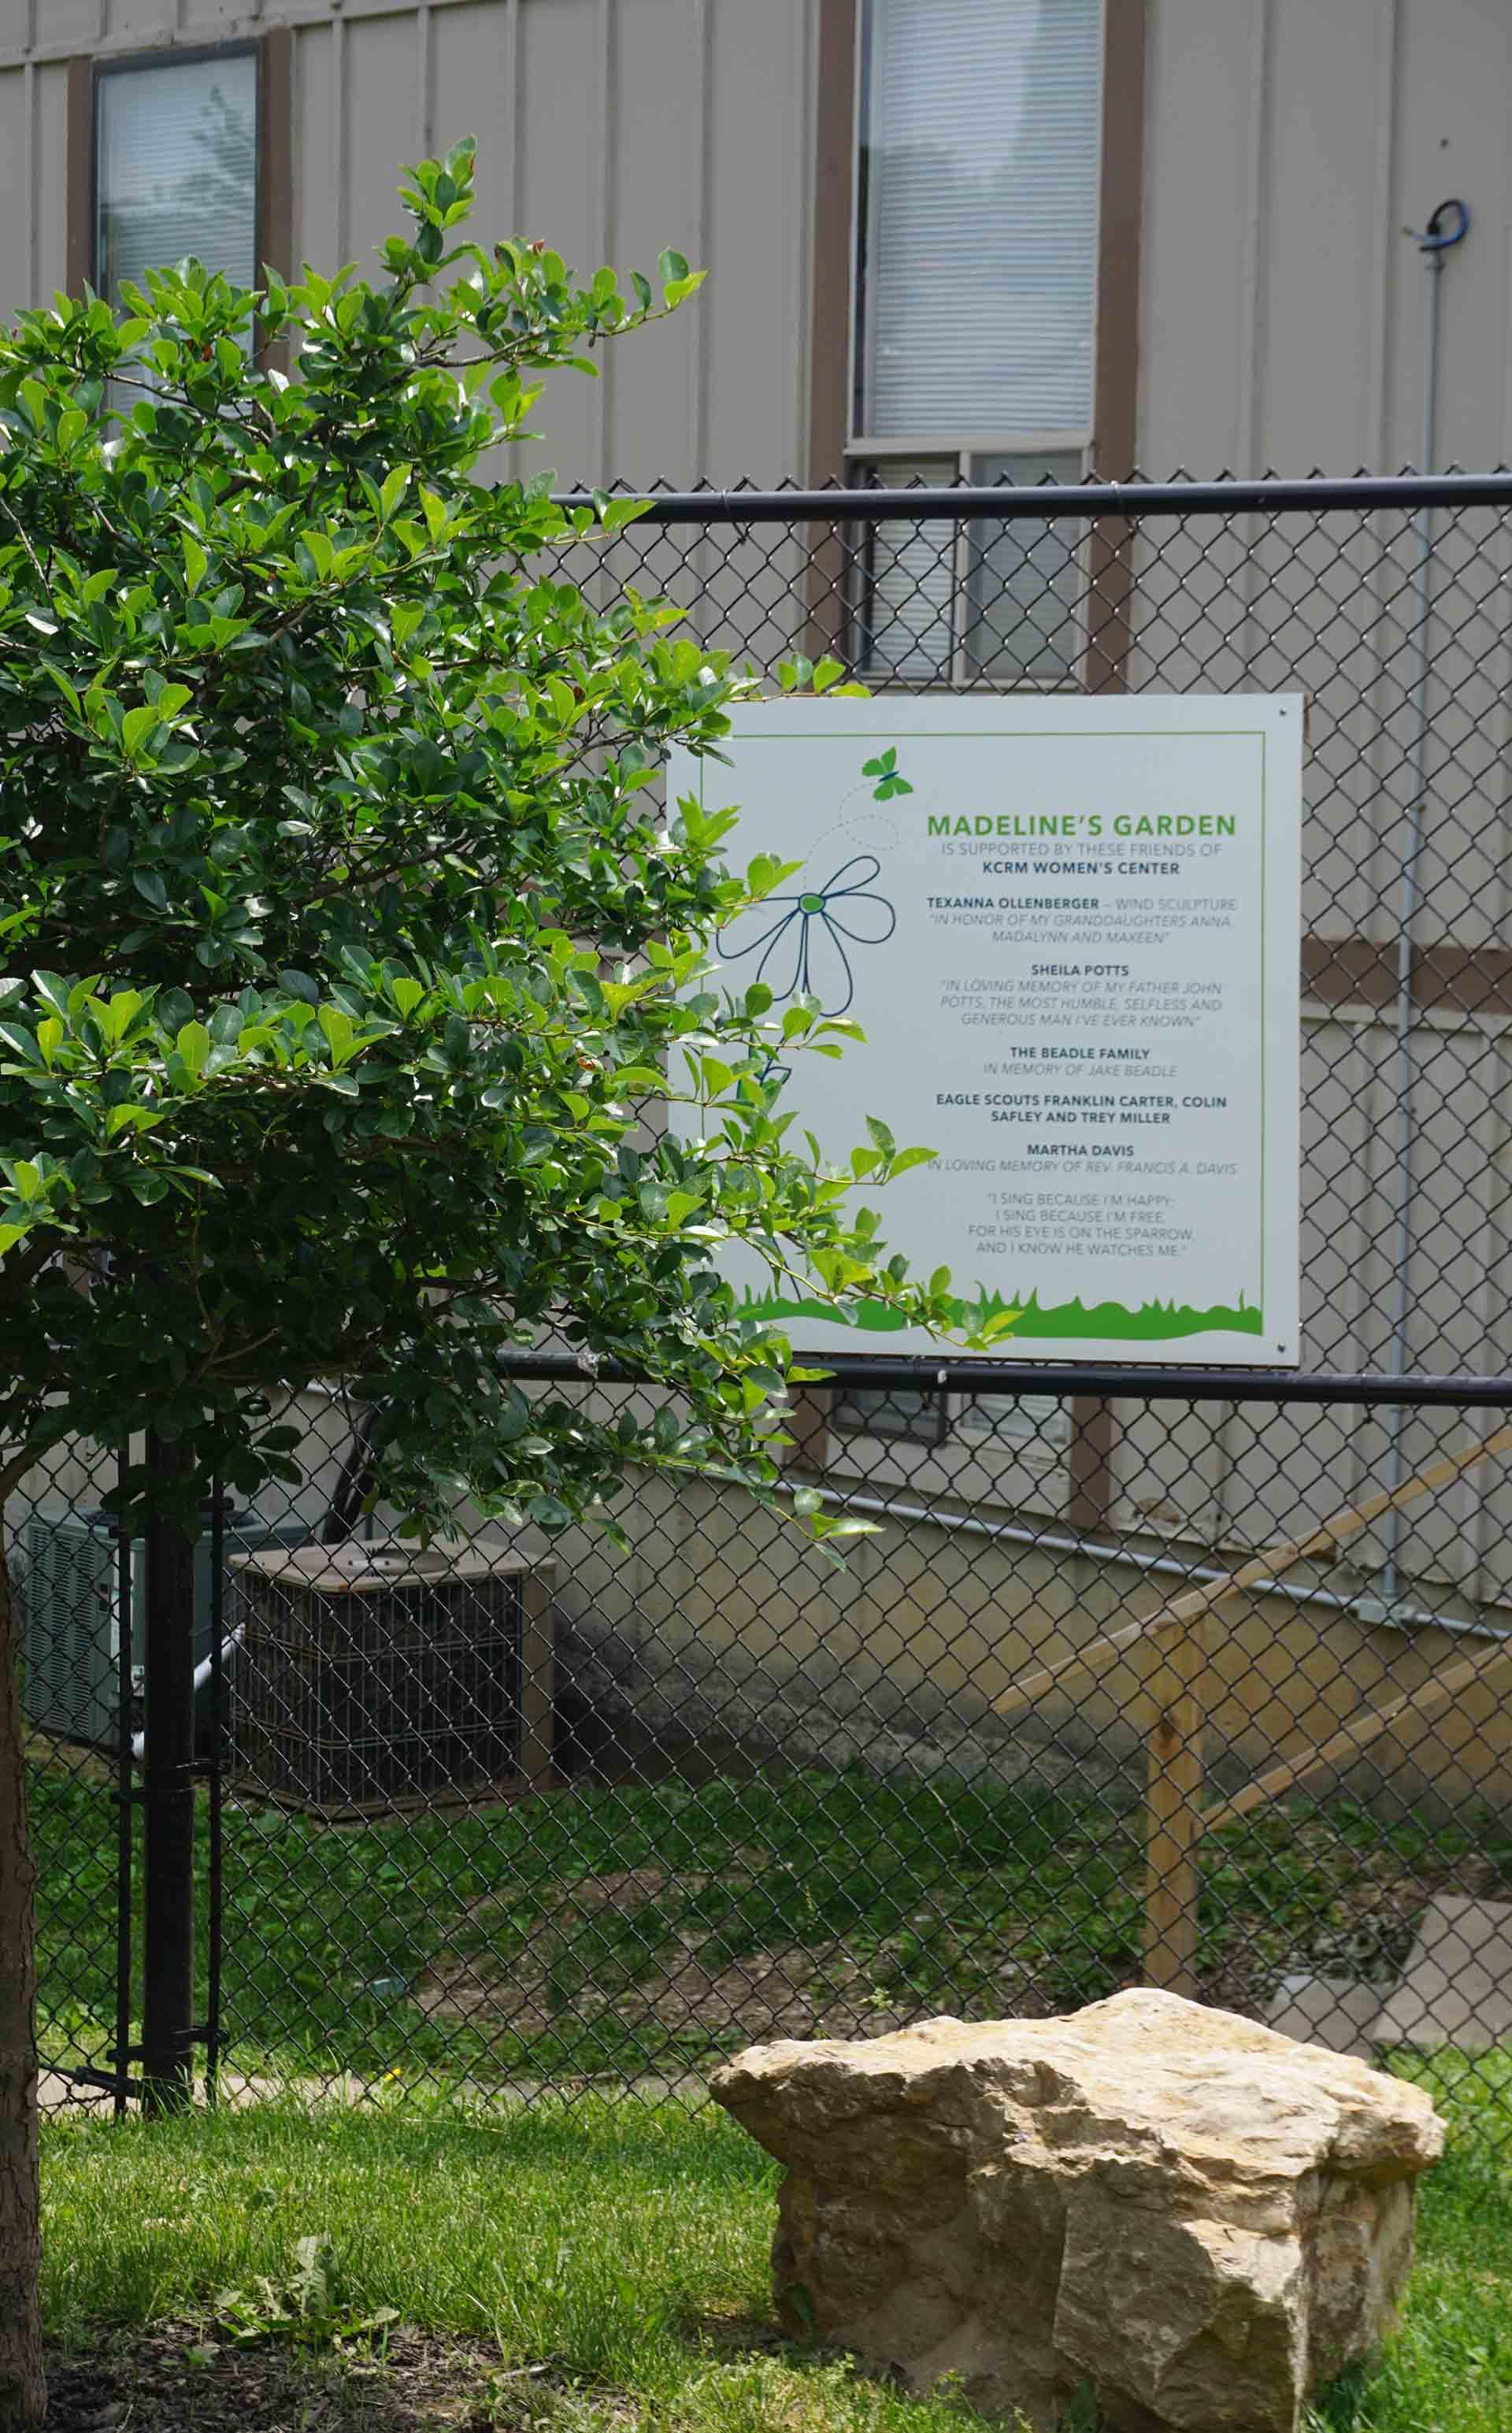 Madeline's Garden sign on gate